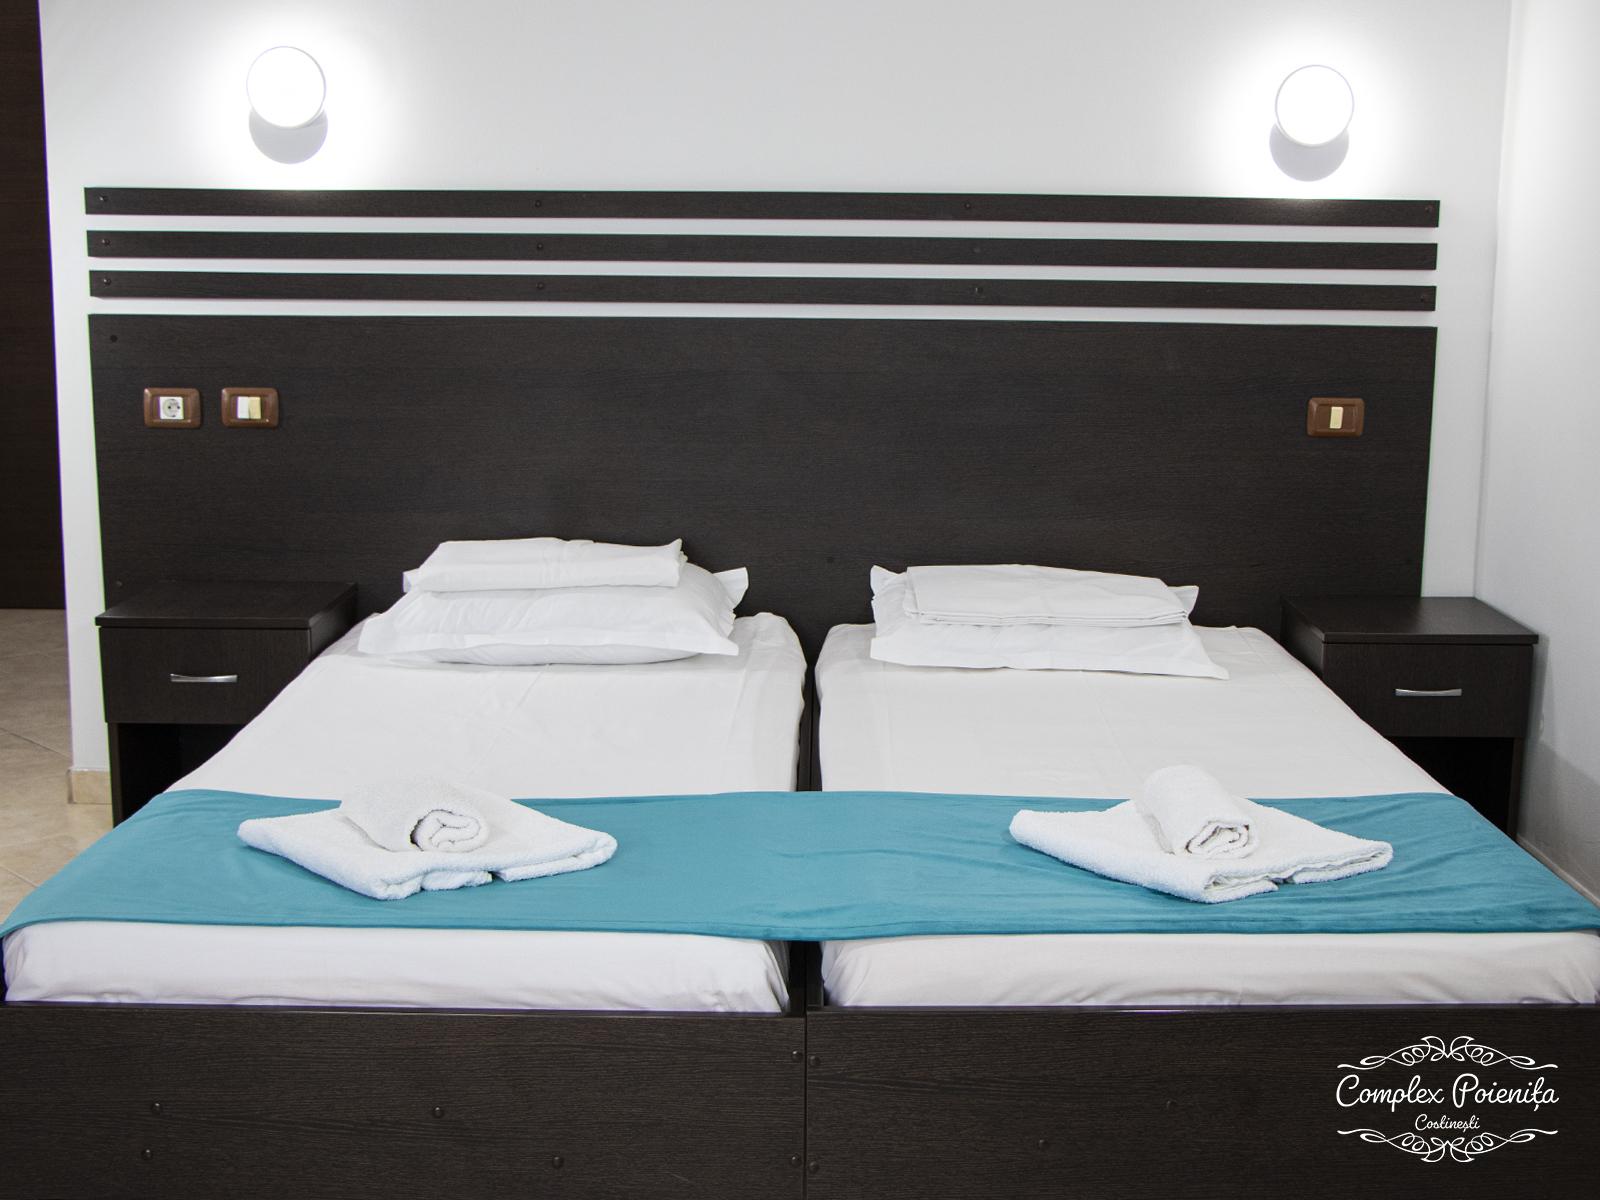 Cameră Hotel Poienița Costinești